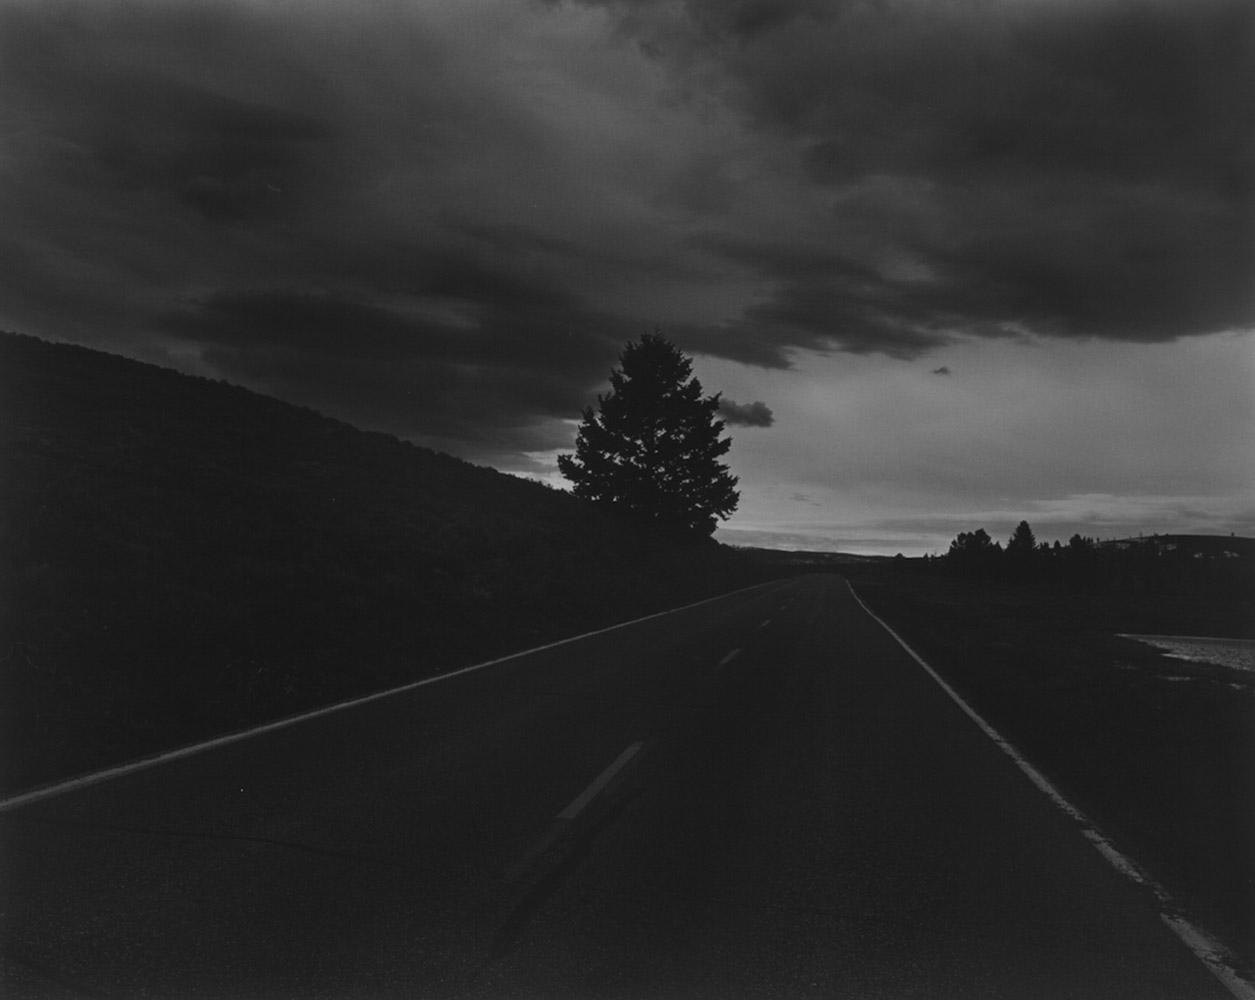 «В одиночестве, в тишине», © Оливия Фернандес / Olivia Fernandez, Бруклин, США, Гран-при категории «Путешествие / Пейзаж», Конкурс студенческой фотографии